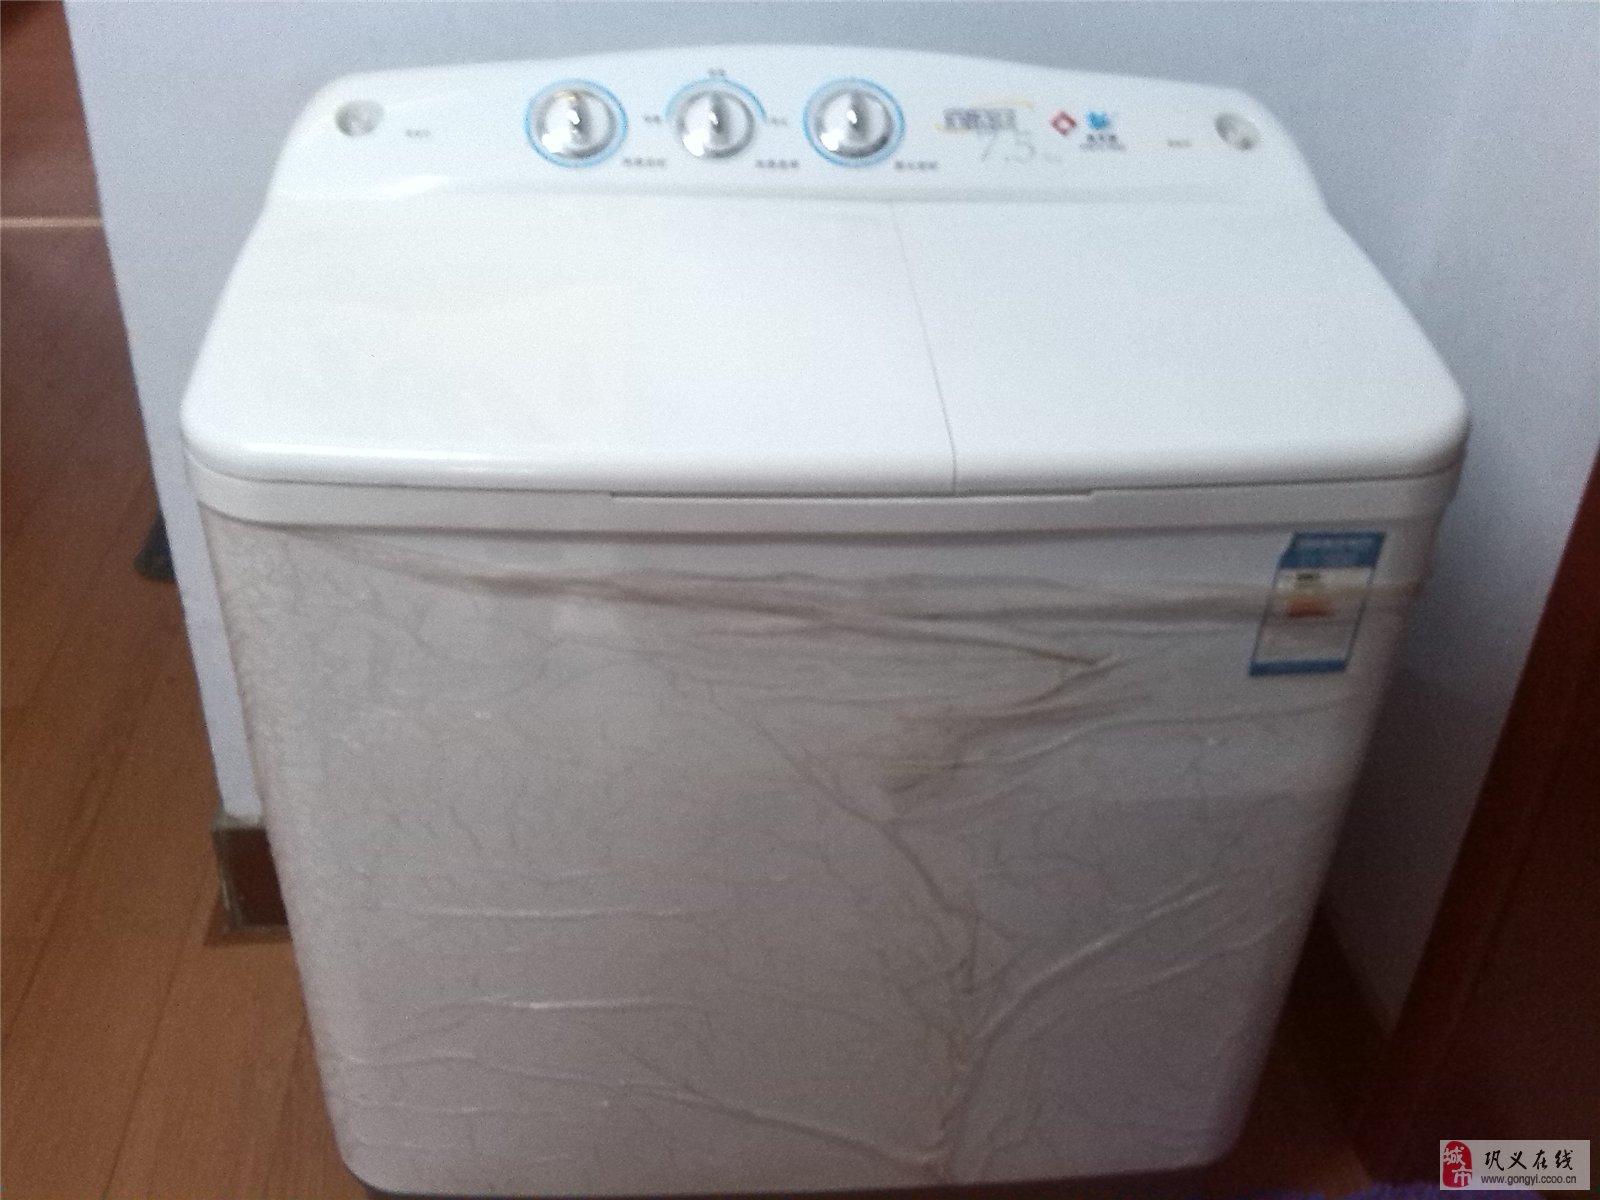 二手小天鹅7.5公斤全洗王半自动双筒洗衣机500元